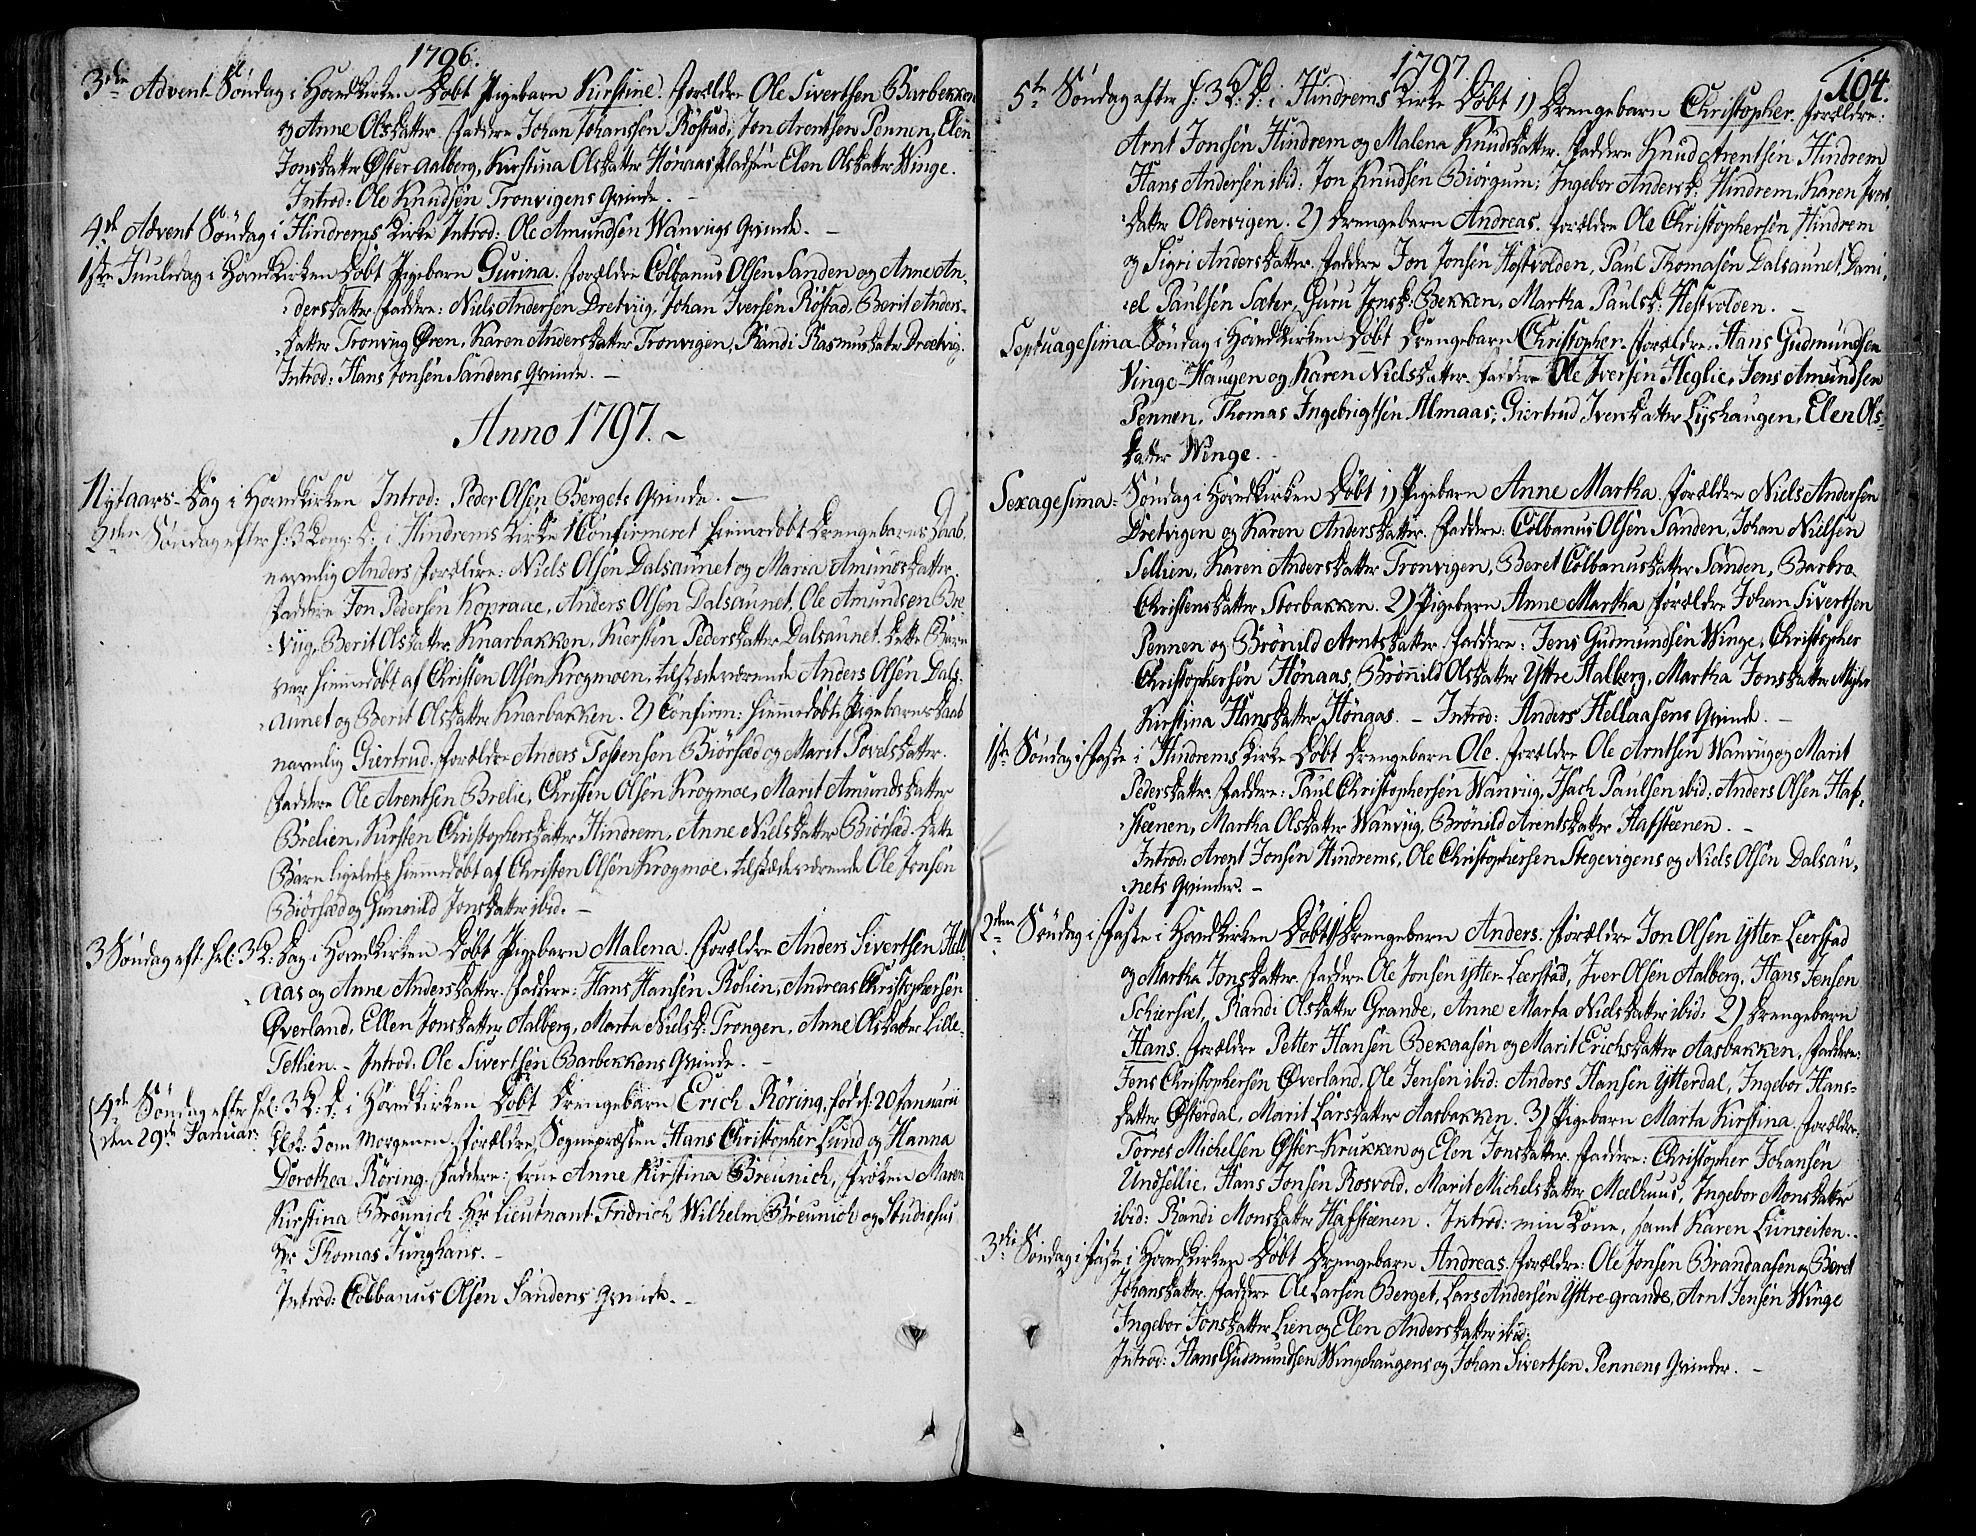 SAT, Ministerialprotokoller, klokkerbøker og fødselsregistre - Nord-Trøndelag, 701/L0004: Ministerialbok nr. 701A04, 1783-1816, s. 104